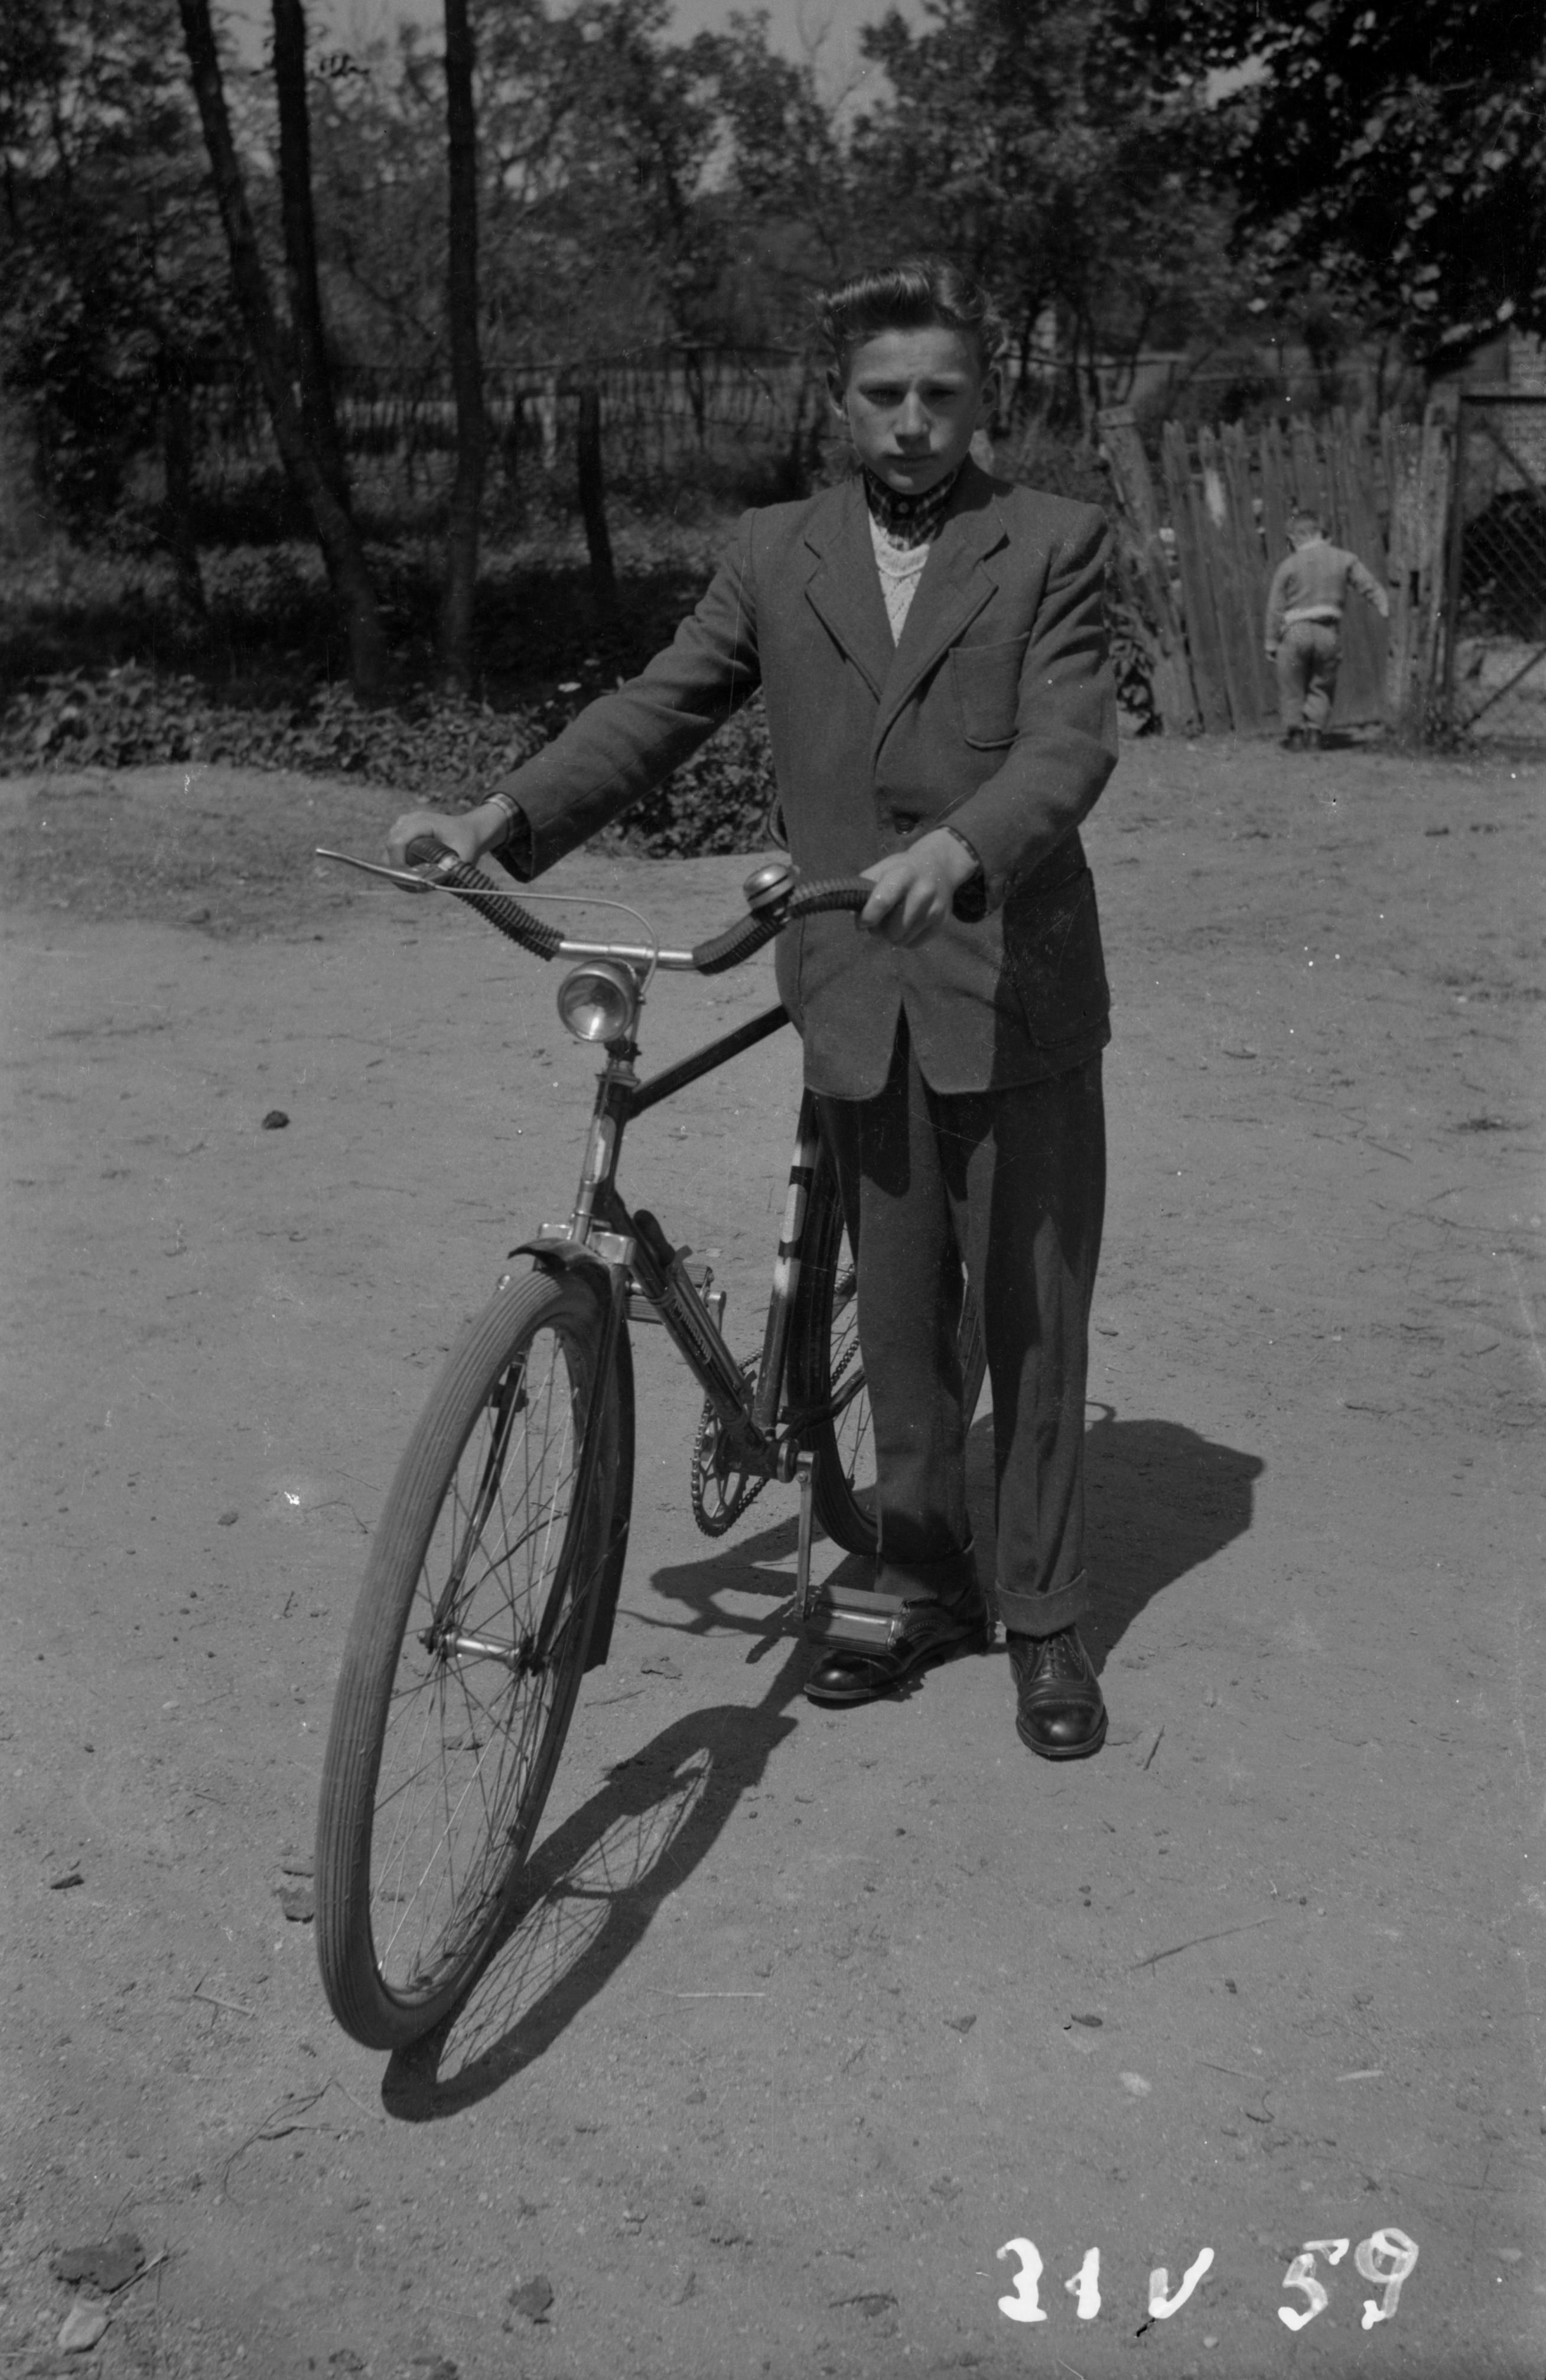 Chłopak z rowerem, Dolny Śląsk, 31 V 1959 r.